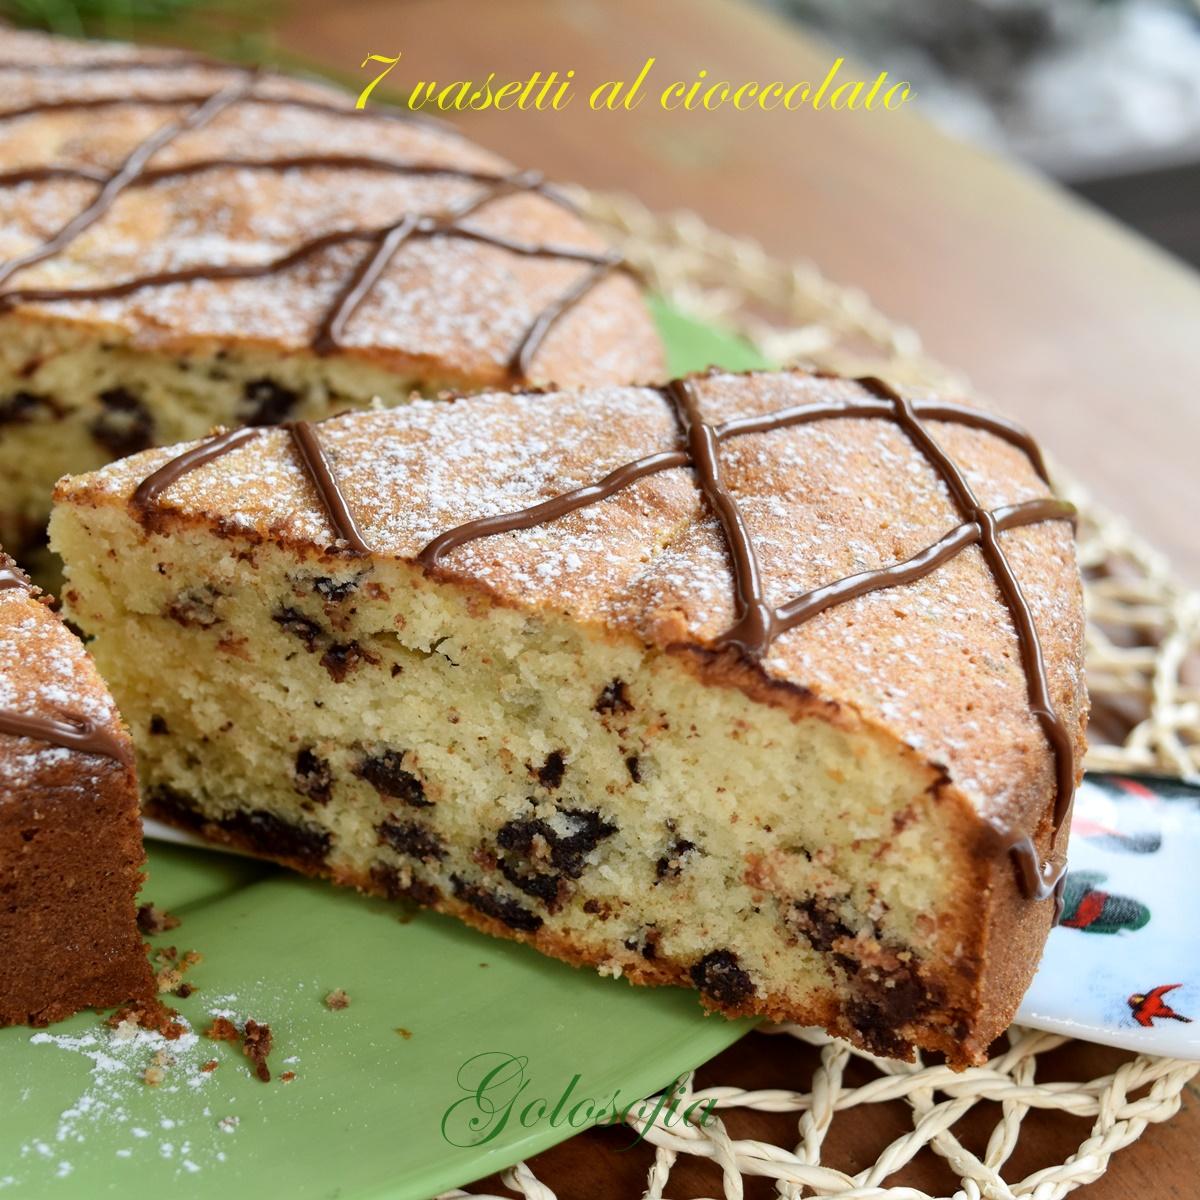 Torta 7 vasetti al cioccolato-ricetta torte-golosofia